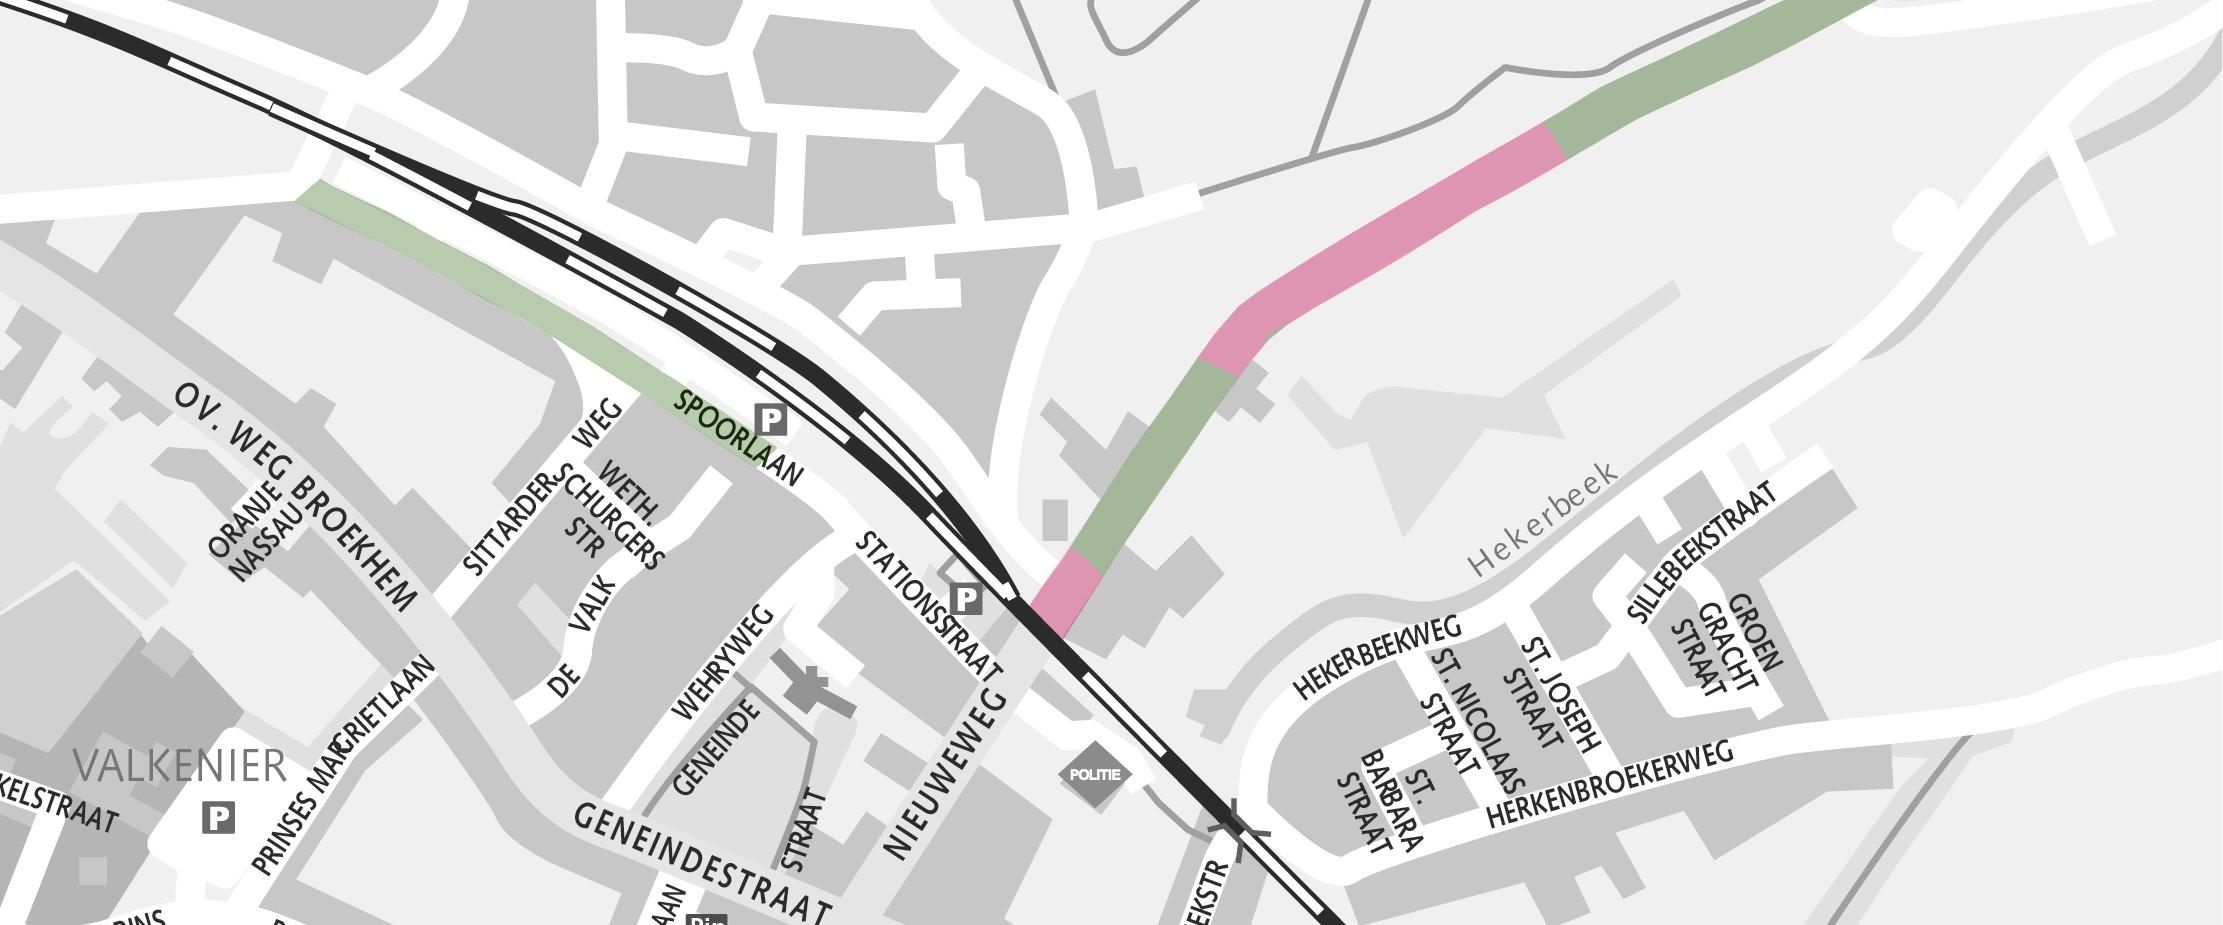 GEVA140614 Nieuweweg Valkenburg 800x333px lijn3